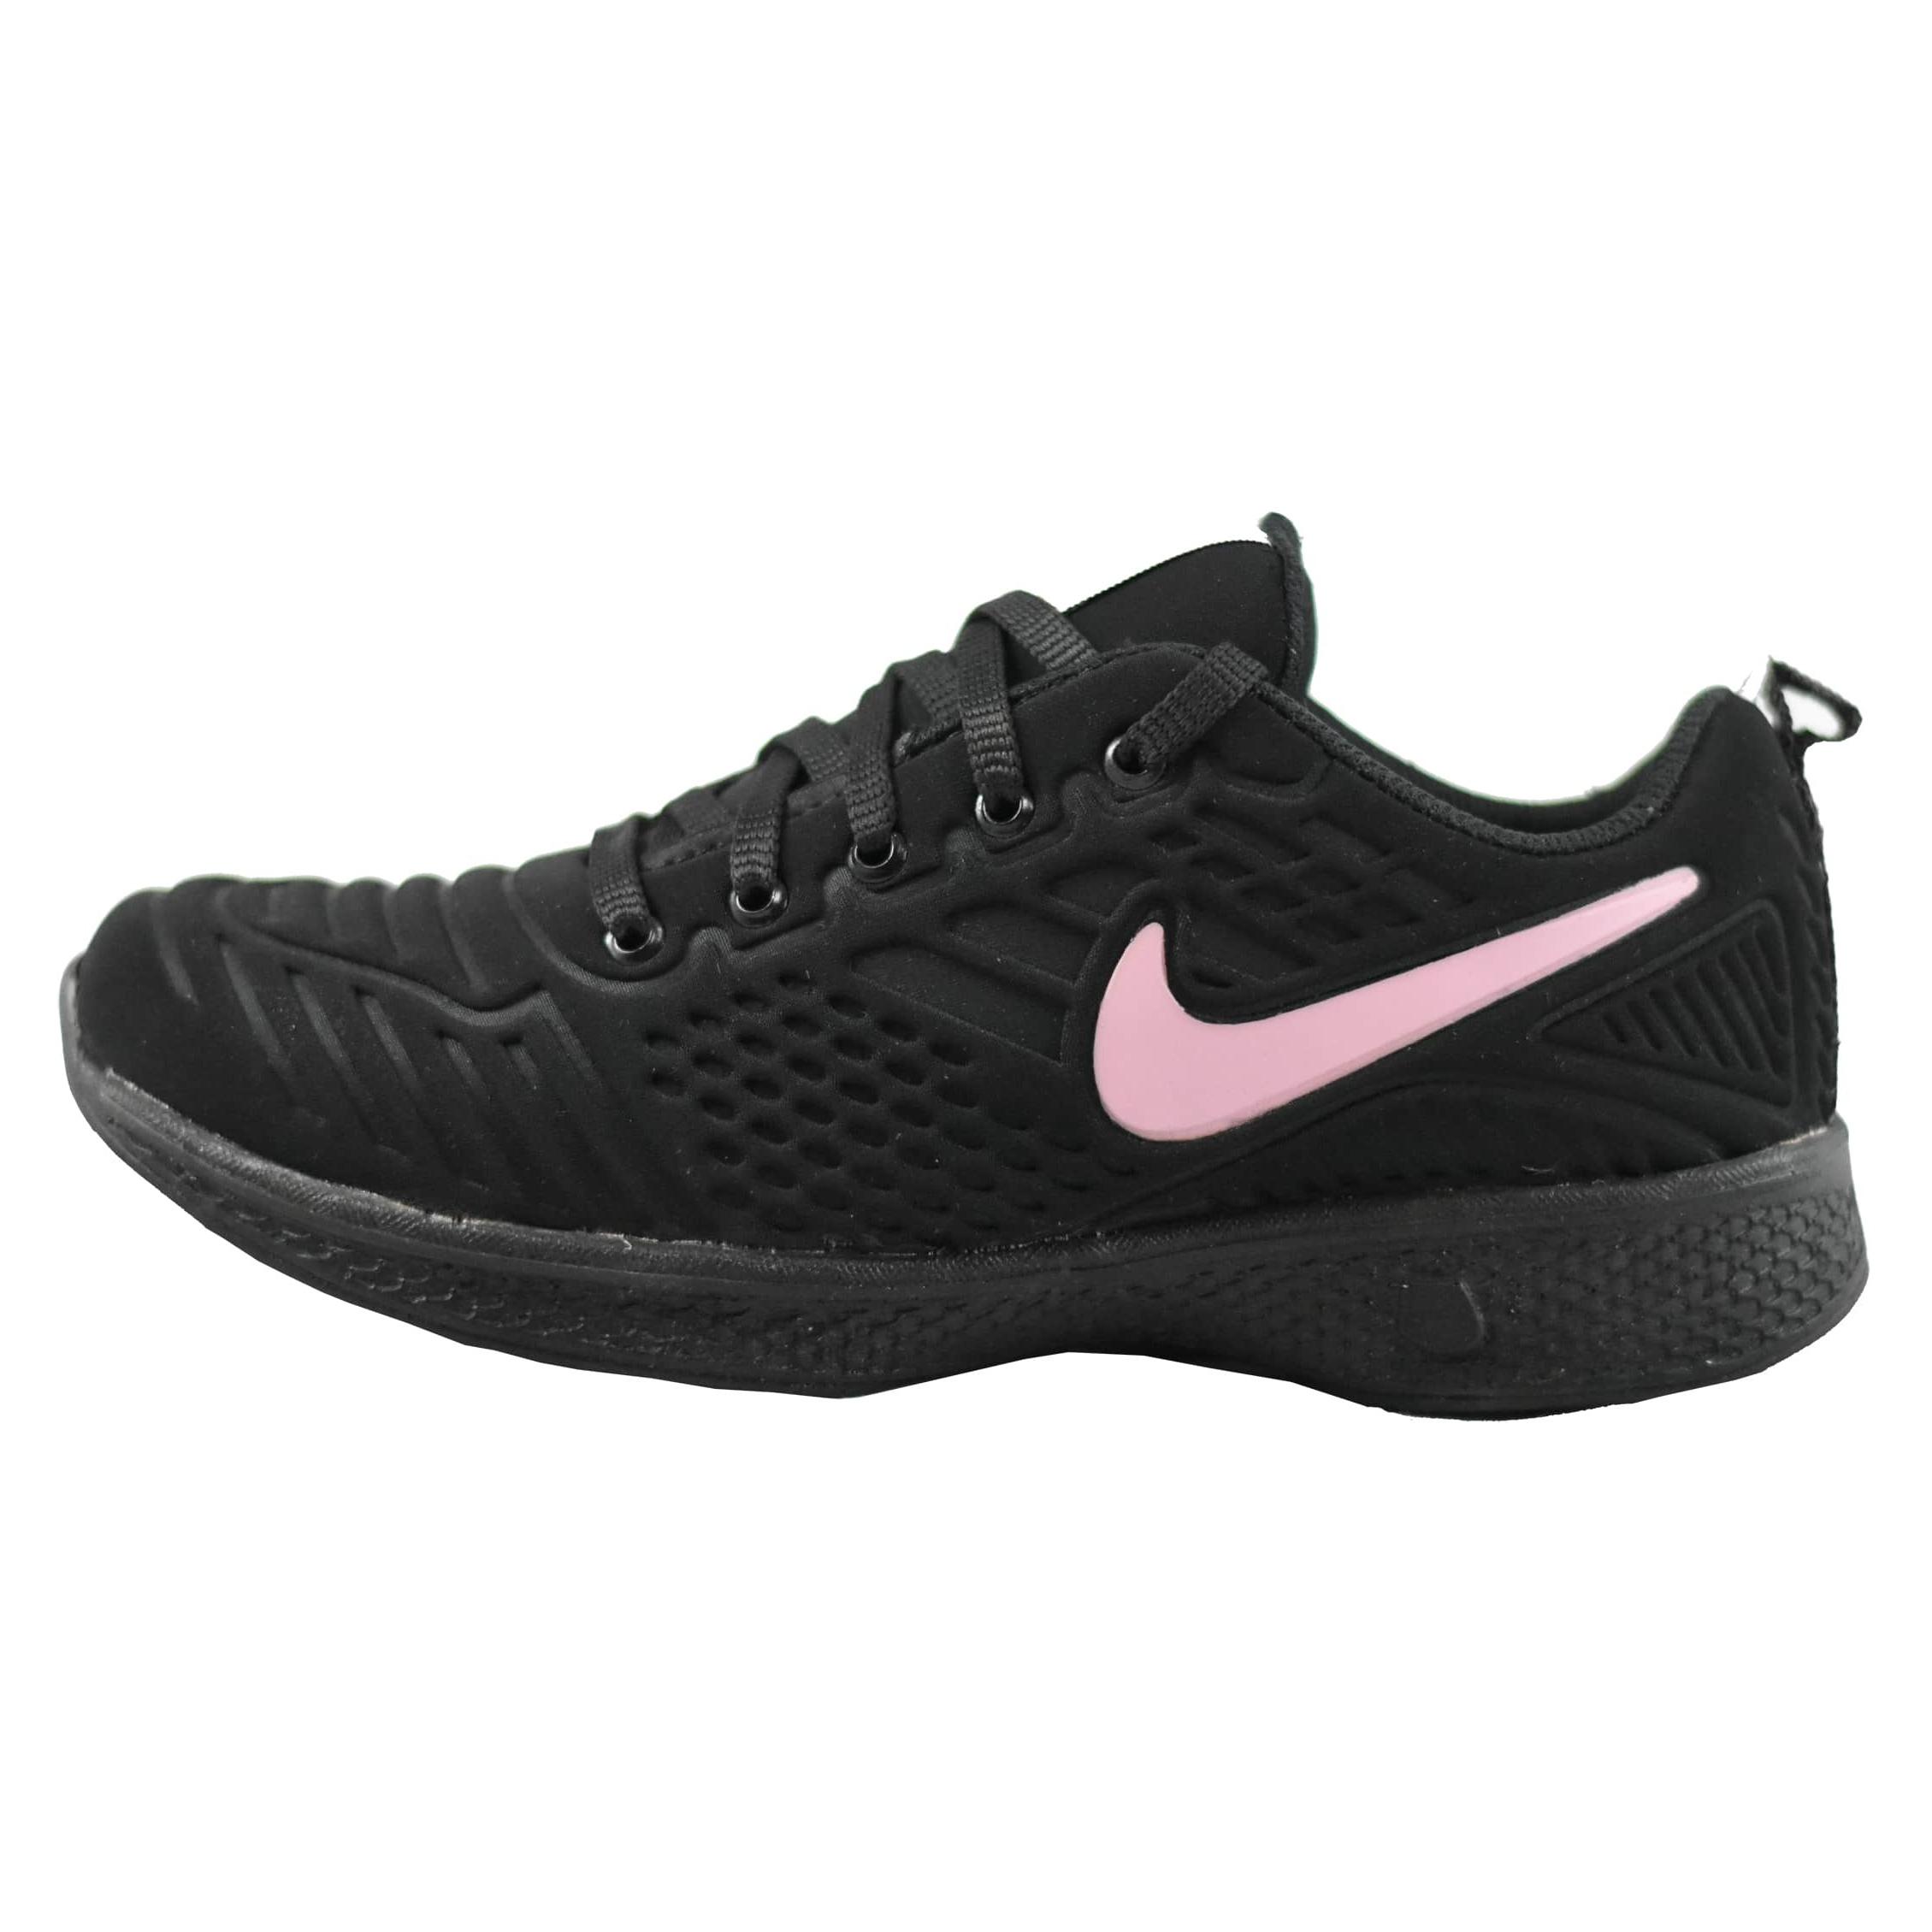 کفش مخصوص پیاده روی زنانه کد 167